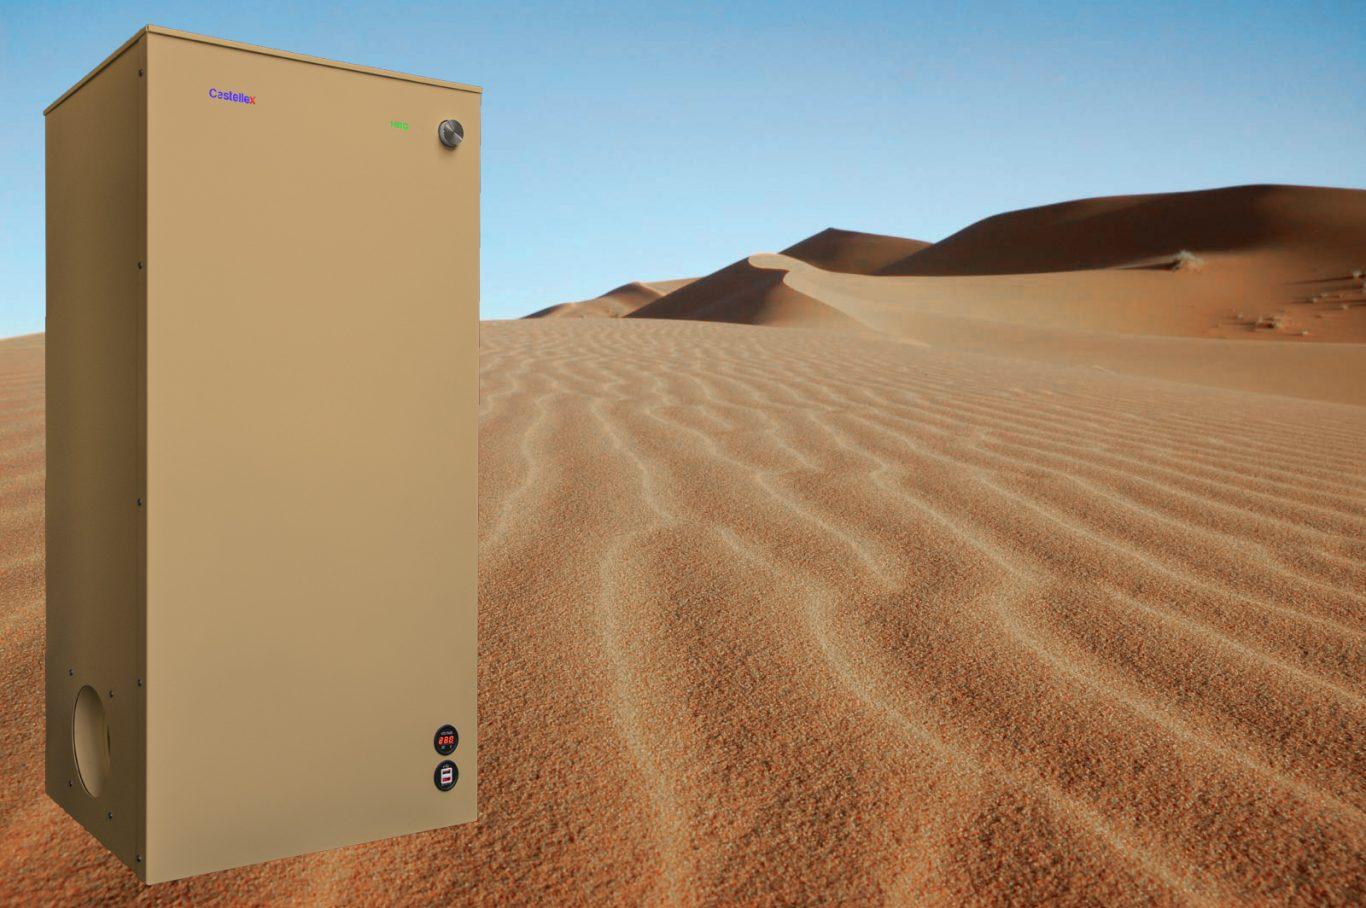 NBC air filtration unit Castellex Air550uh Desert